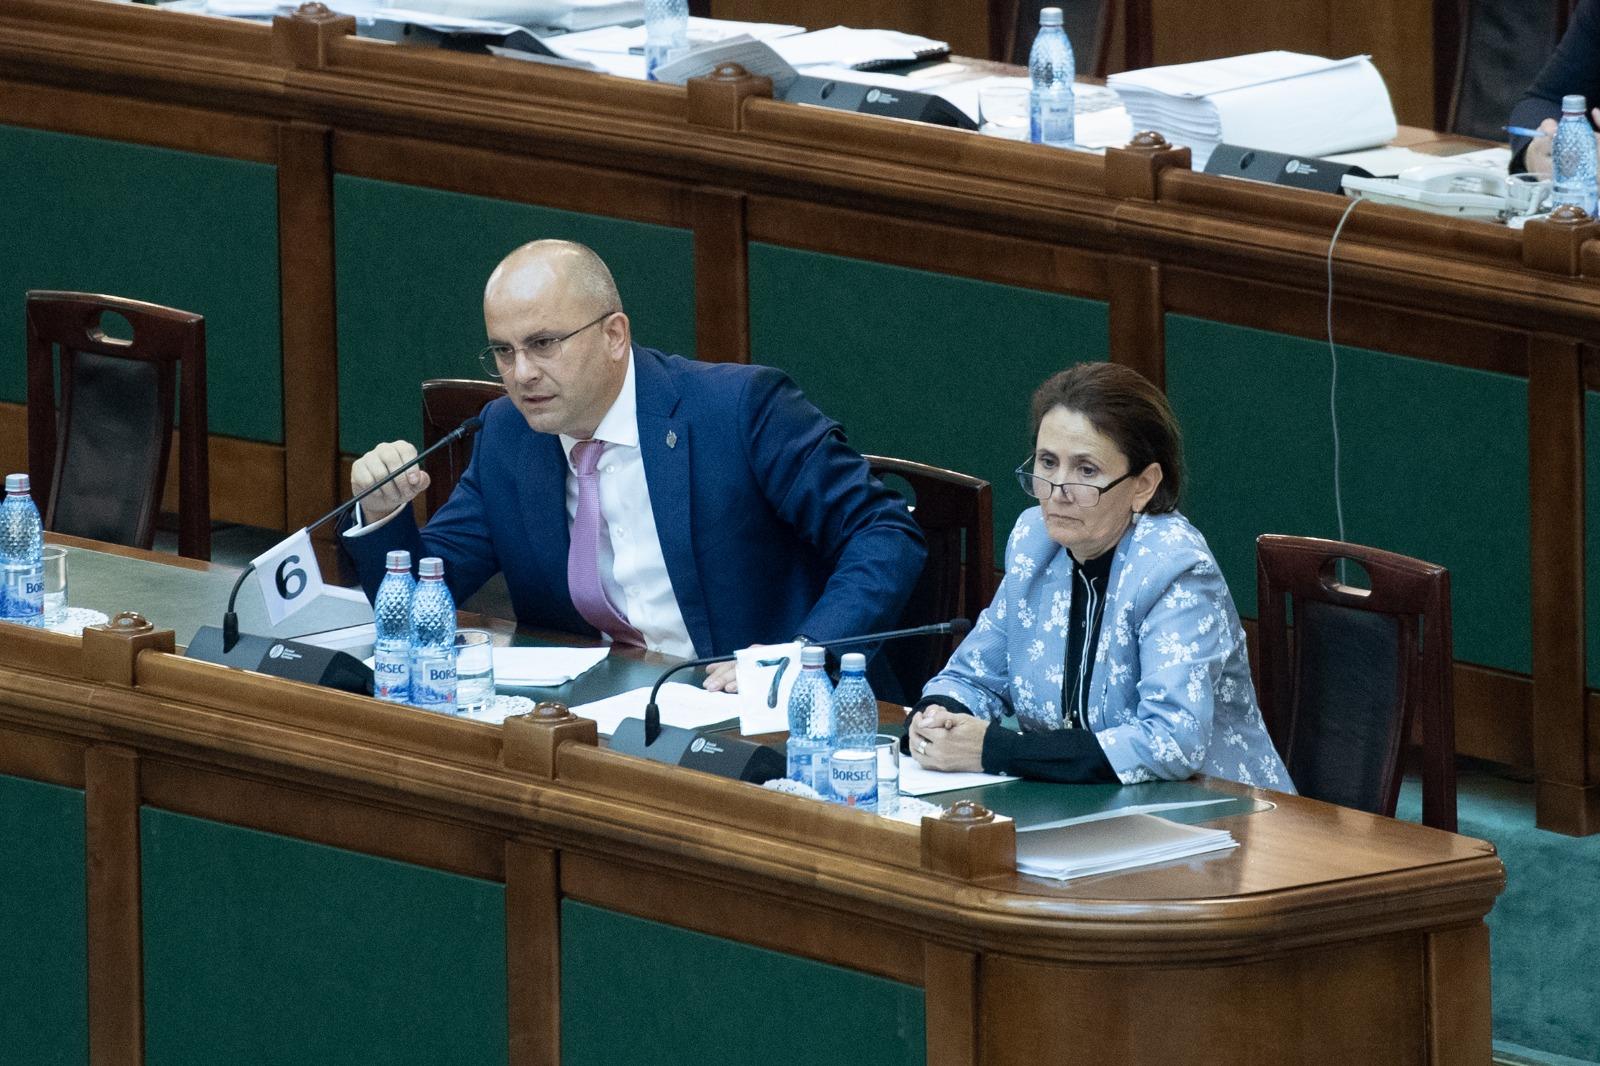 """Lucian Trufin: """"După 2 ani de tergiversări și contestații Iohannis a semnat decretul pentru promulgarea legii ce asigură despăgubirea fermierilor"""""""